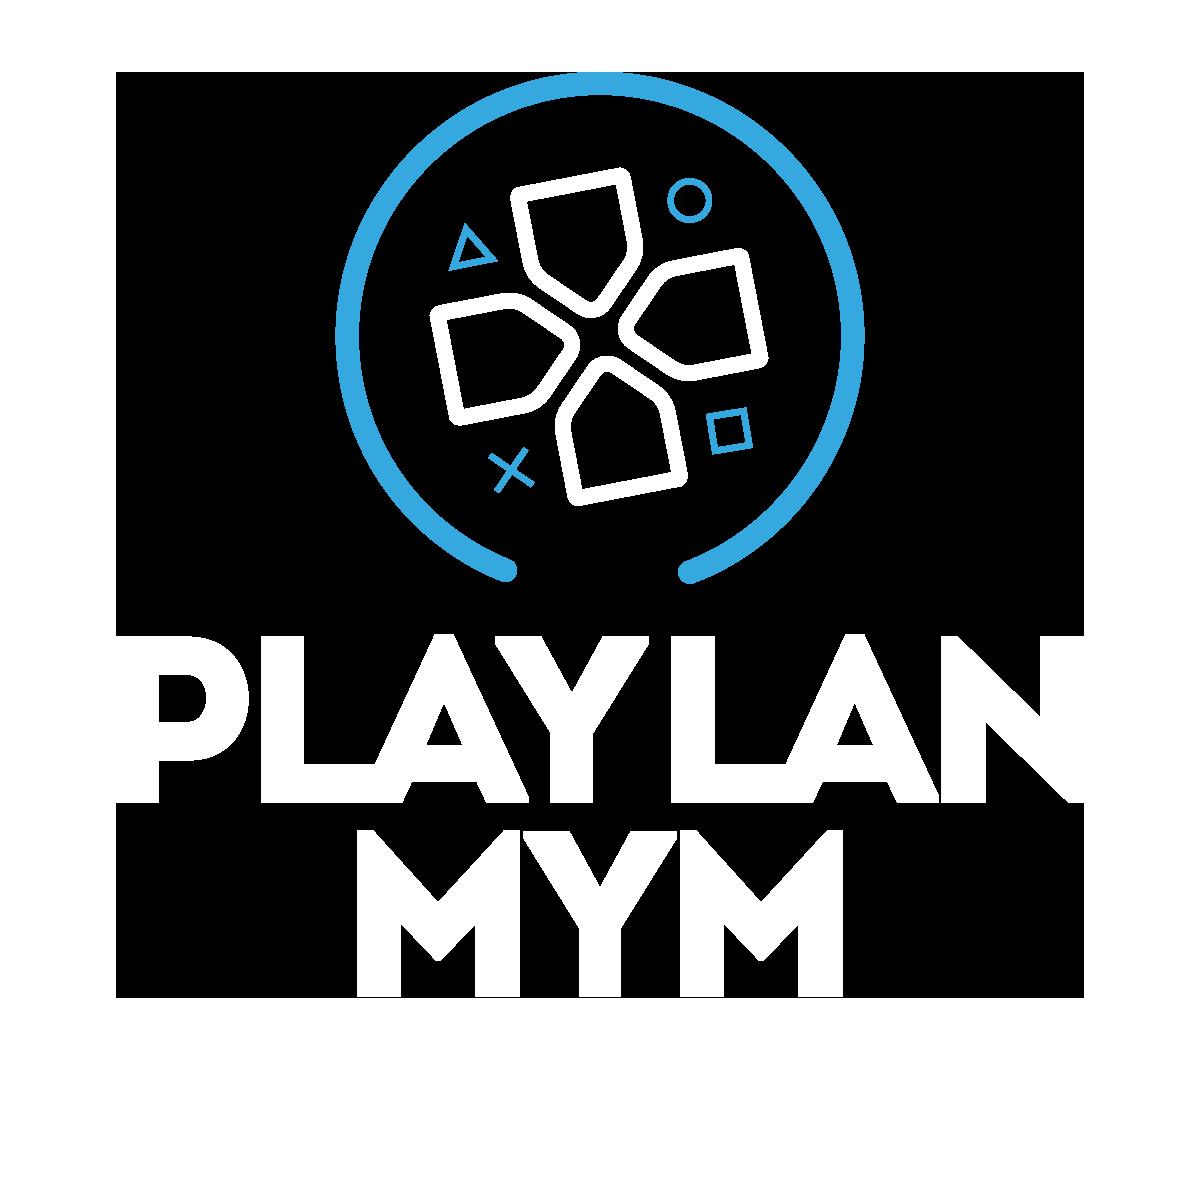 PLAY LAN MYM | La mejor tienda de juegos digitales :)